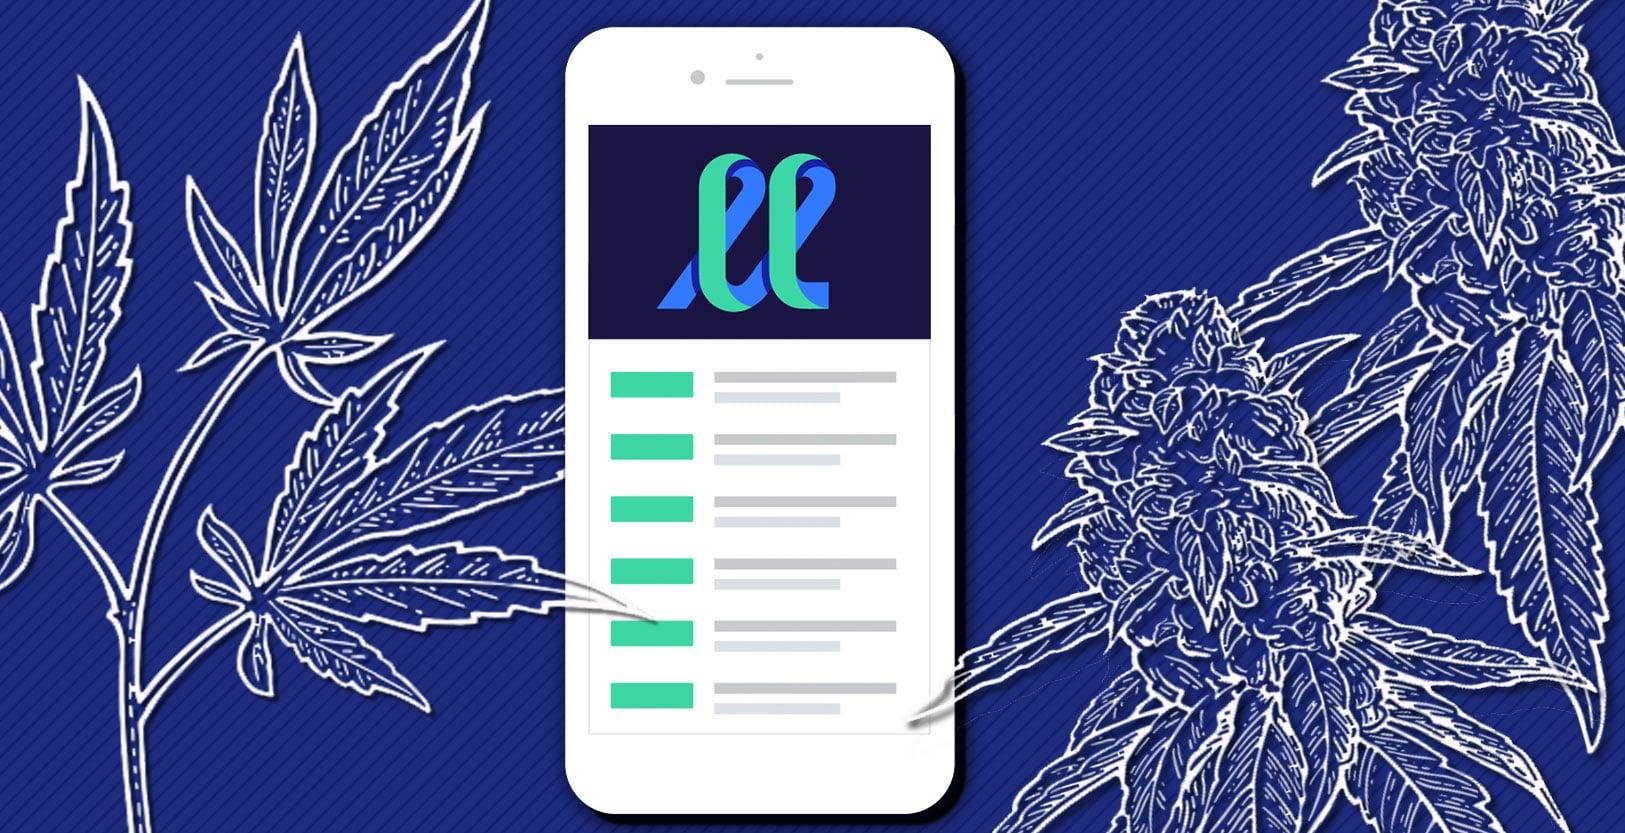 Nación Cannabis | LeafLink obtiene 35 millones para su tienda online de cannabis